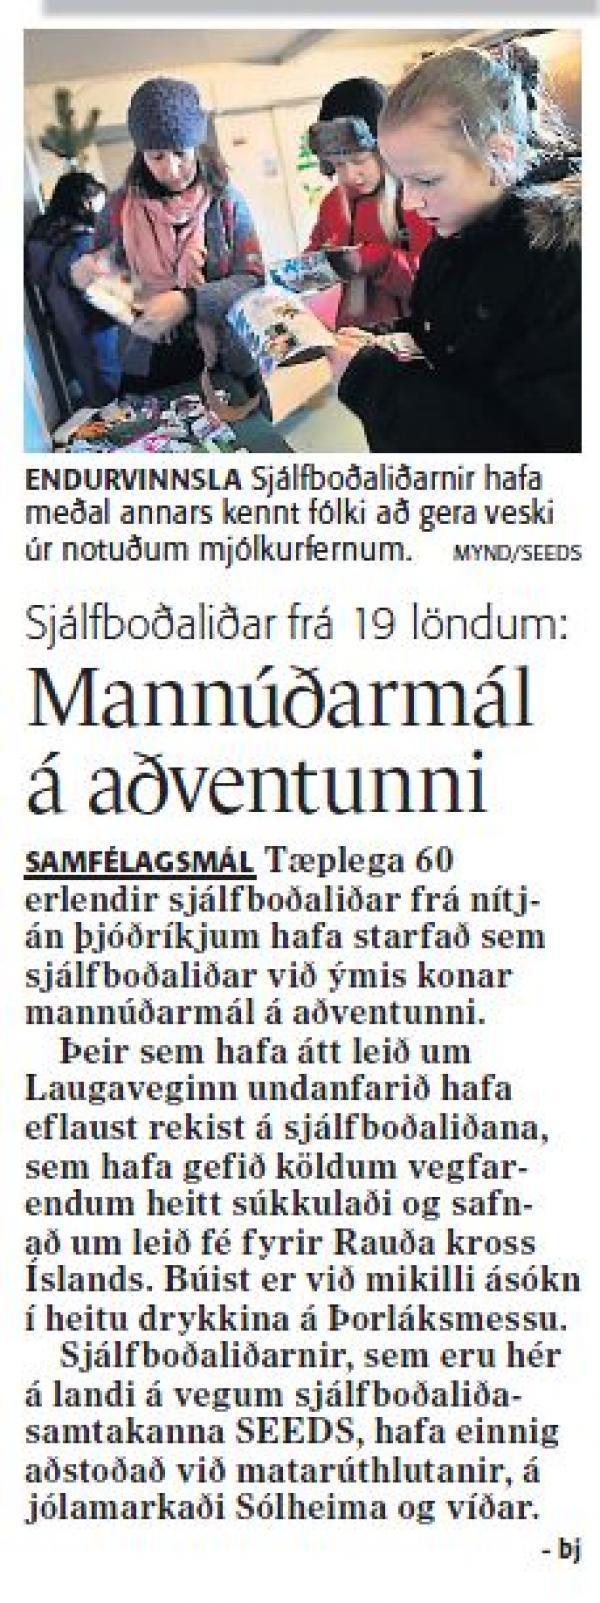 Fréttablaðið - Sjálfboðaliðar frá 19 löndum. Mannúðarmál á aðventunni